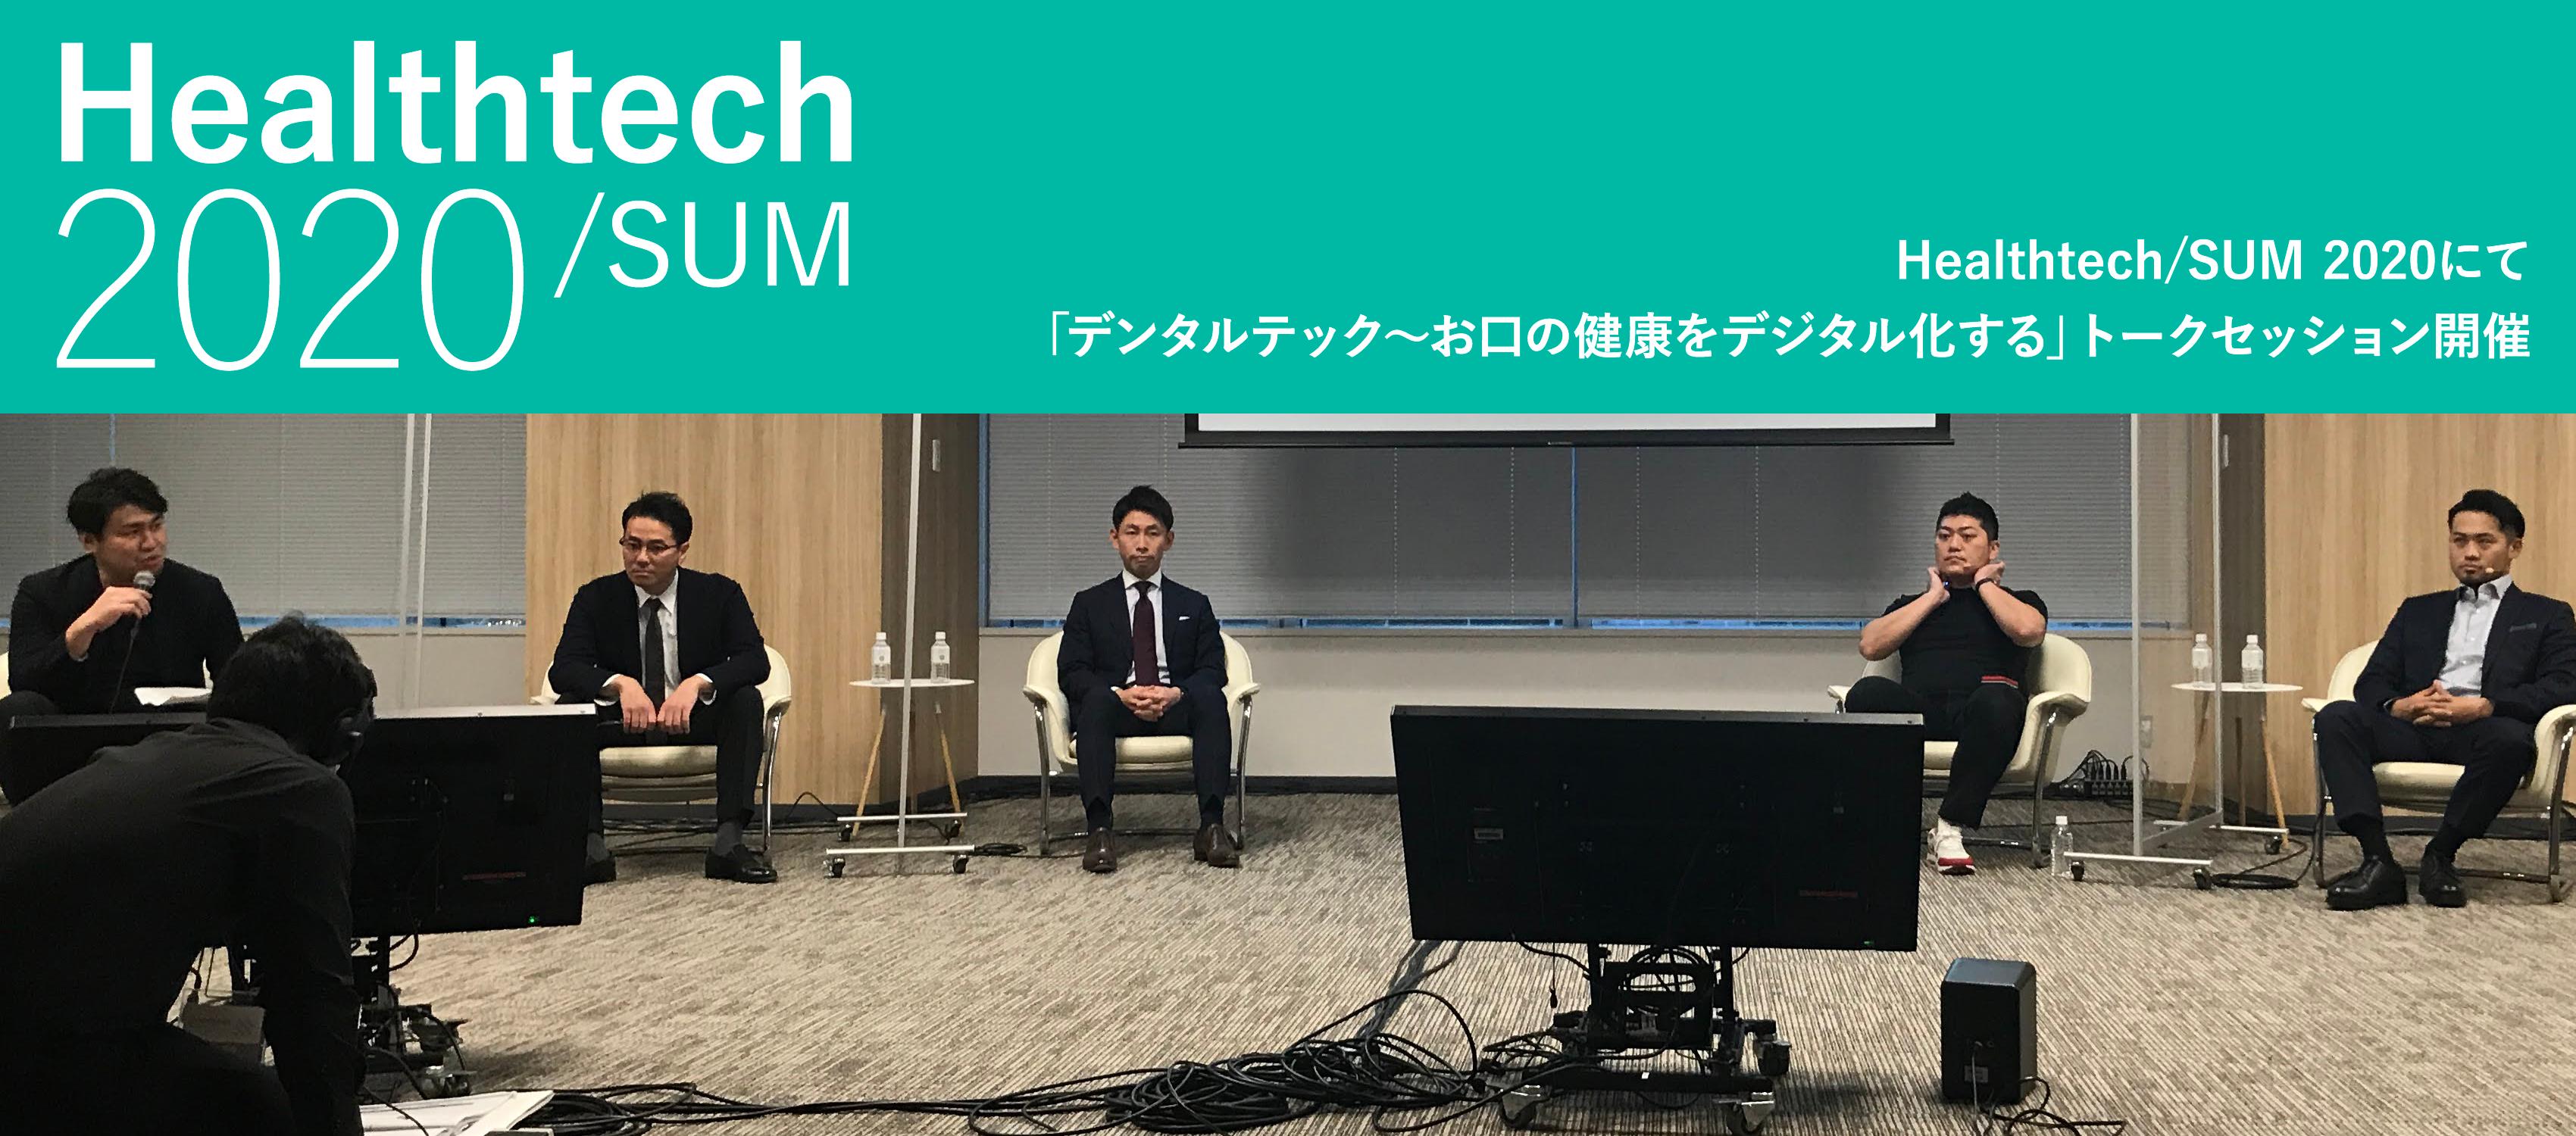 Healthtech/SUM 2020にて、「デンタルテック~お口の健康をデジタル化する」トークセッション開催